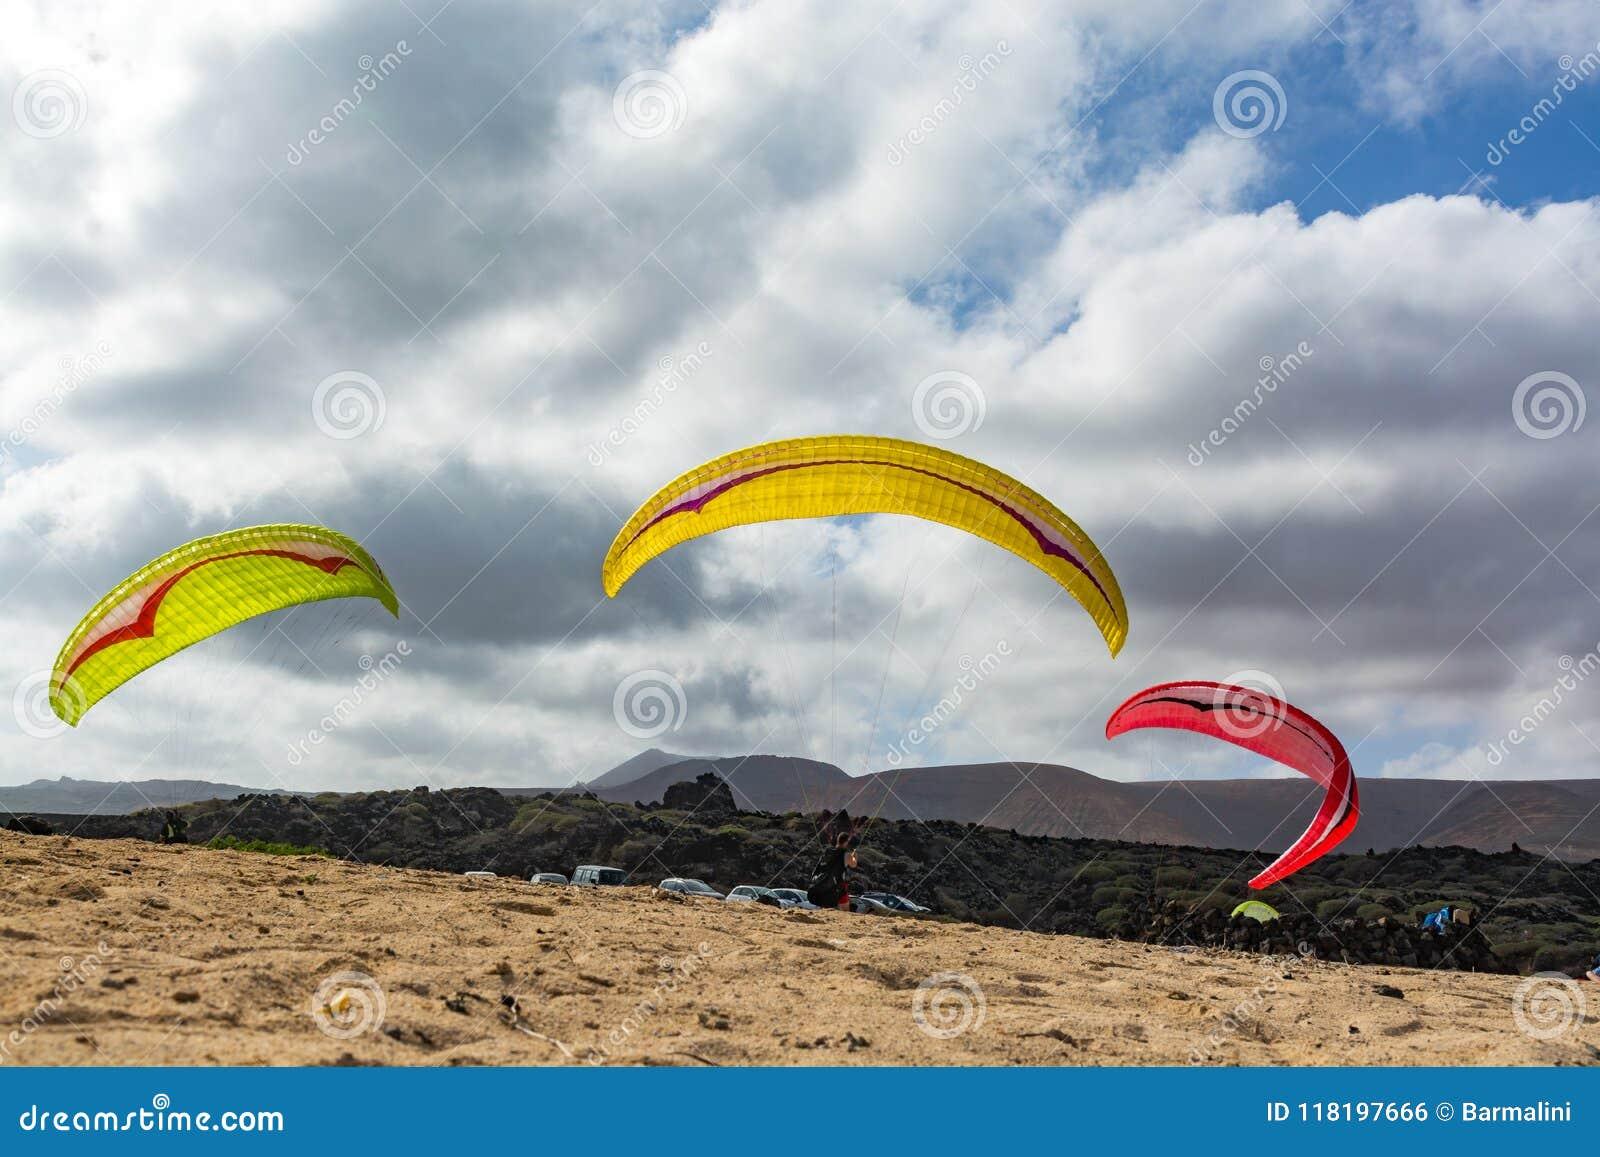 Paraplaners com paraplanes no Sandy Beach, esporte extremo